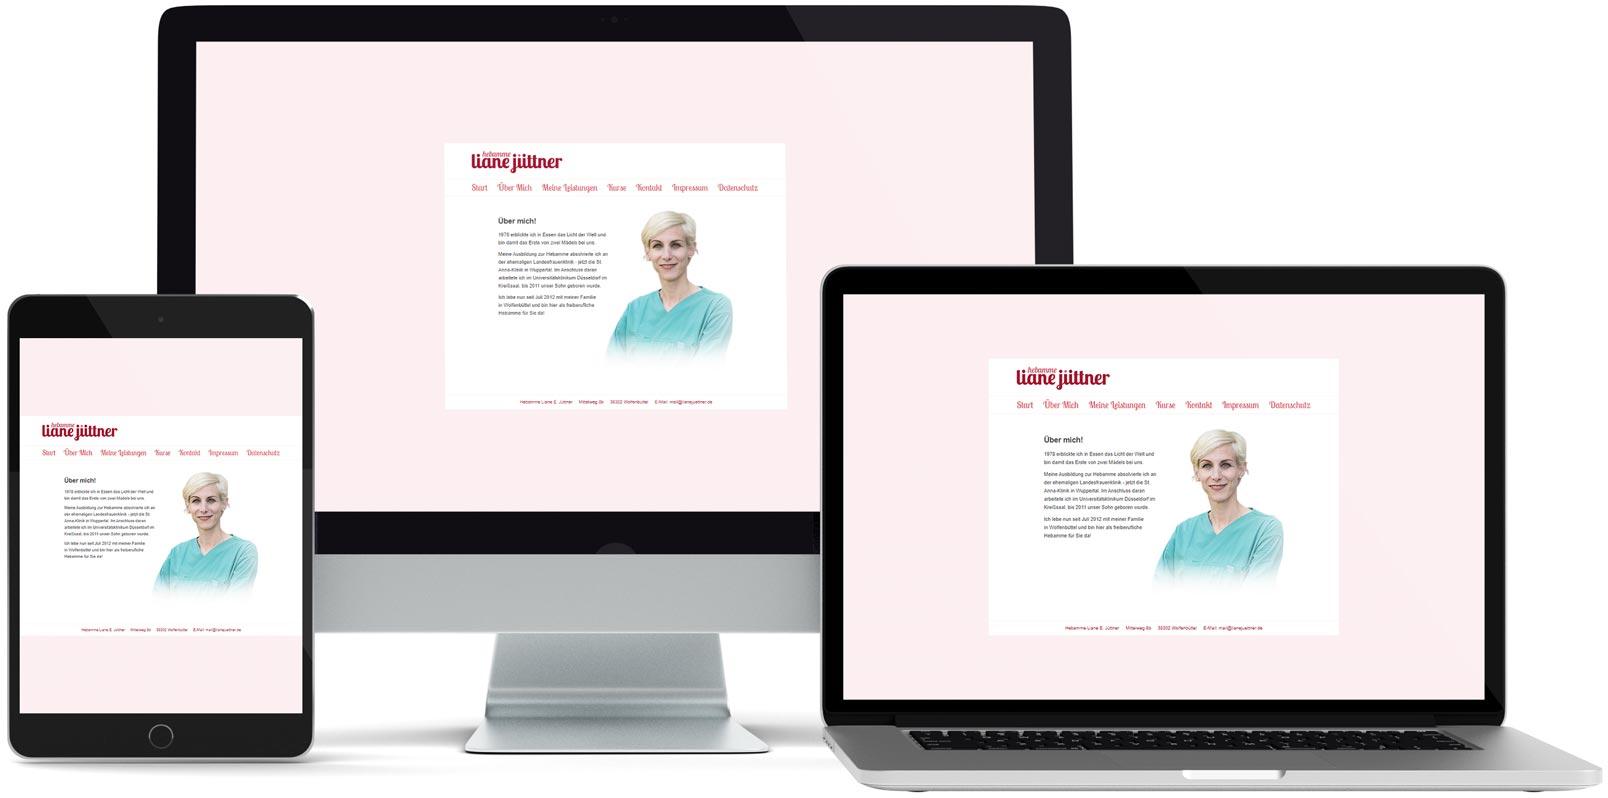 Dreamweaver Webdesign: Liane Jüttner